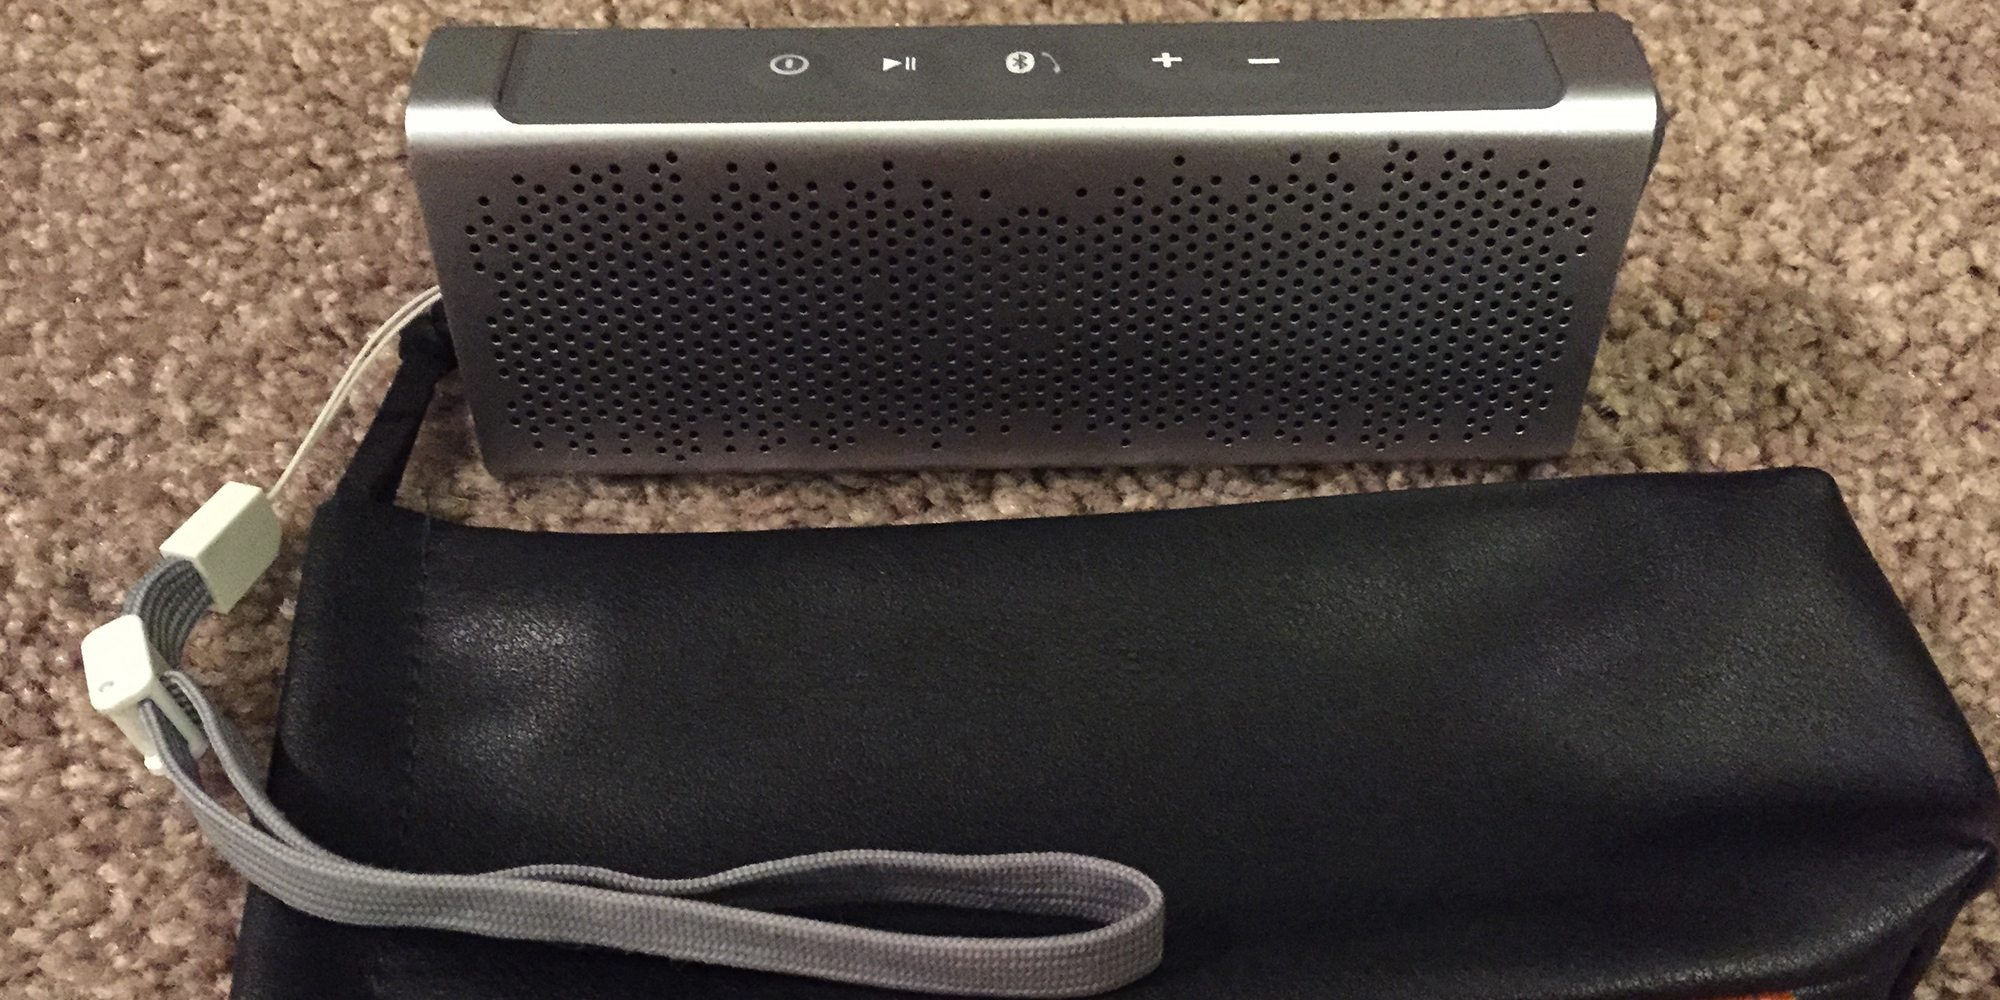 Gadget Review: Inateck Waterproof Bluetooth Speaker